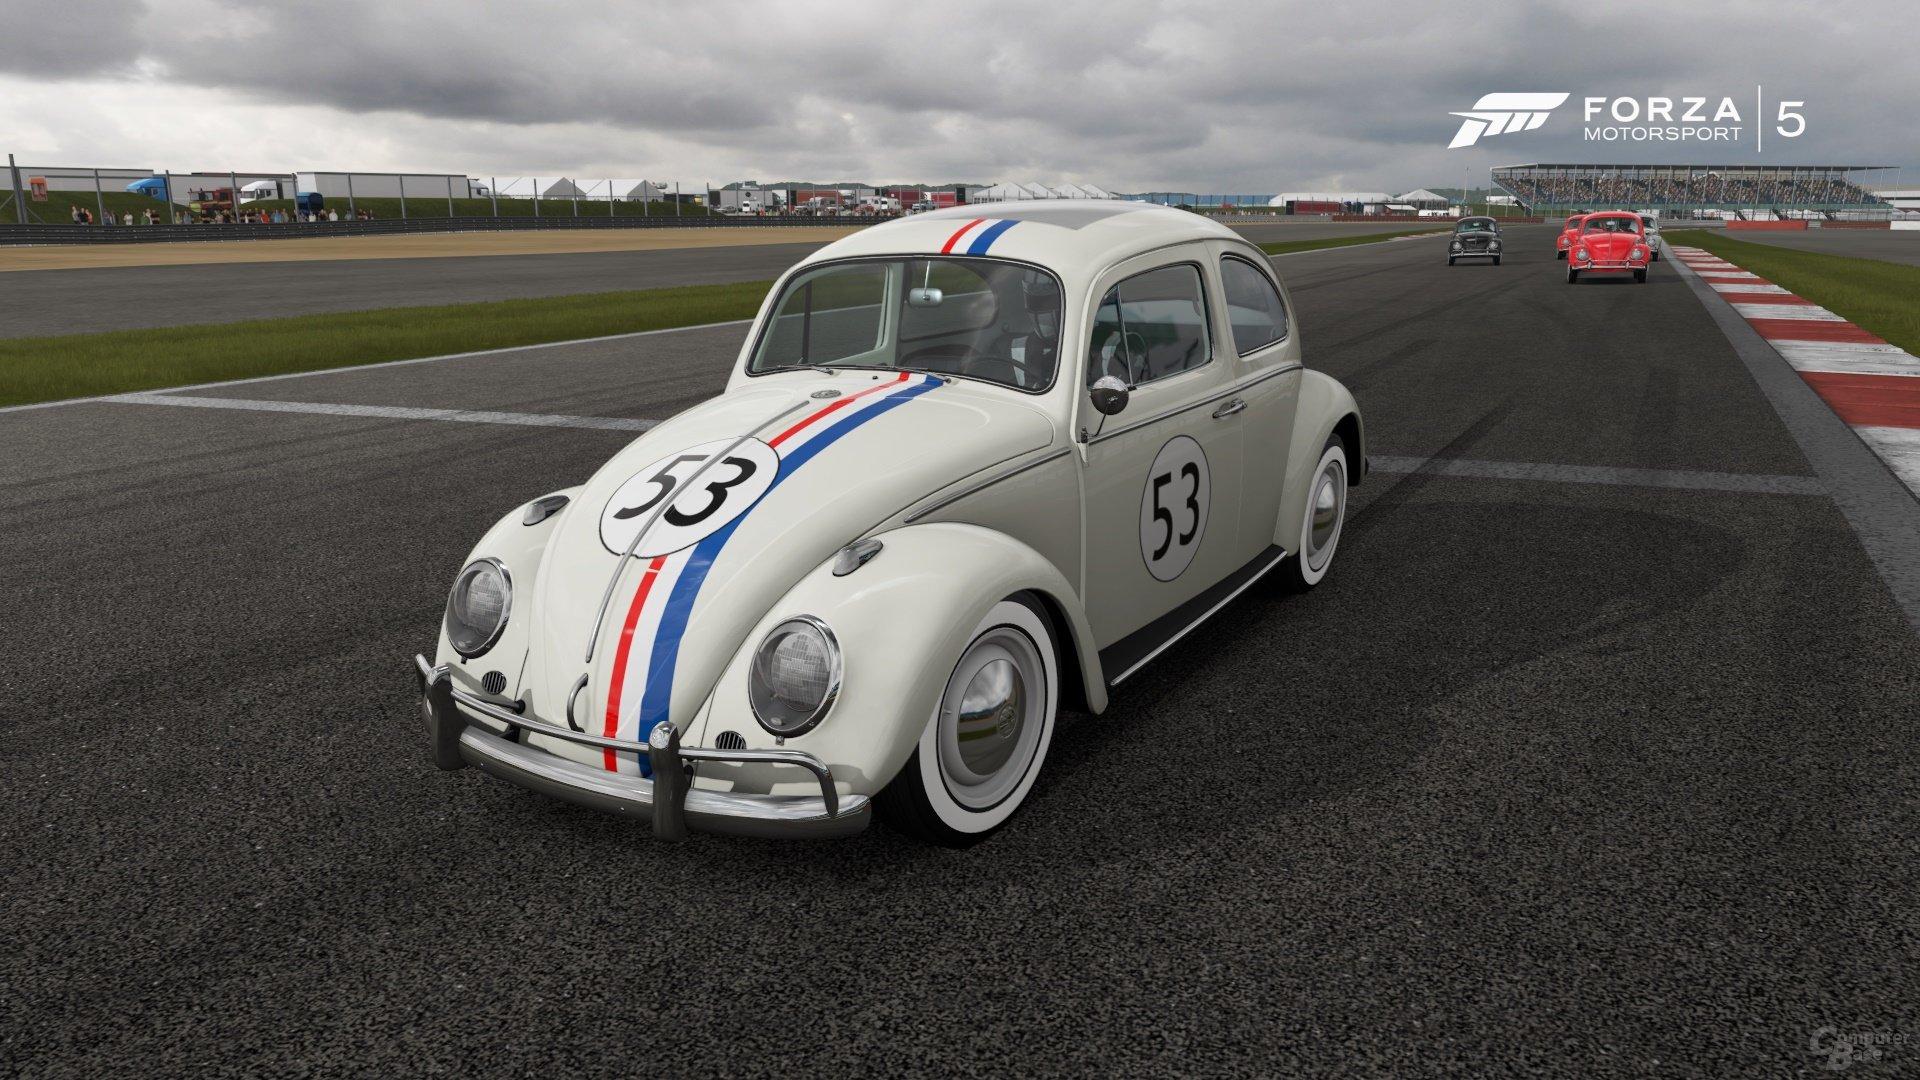 Herbie lebt - und sieht gut aus!